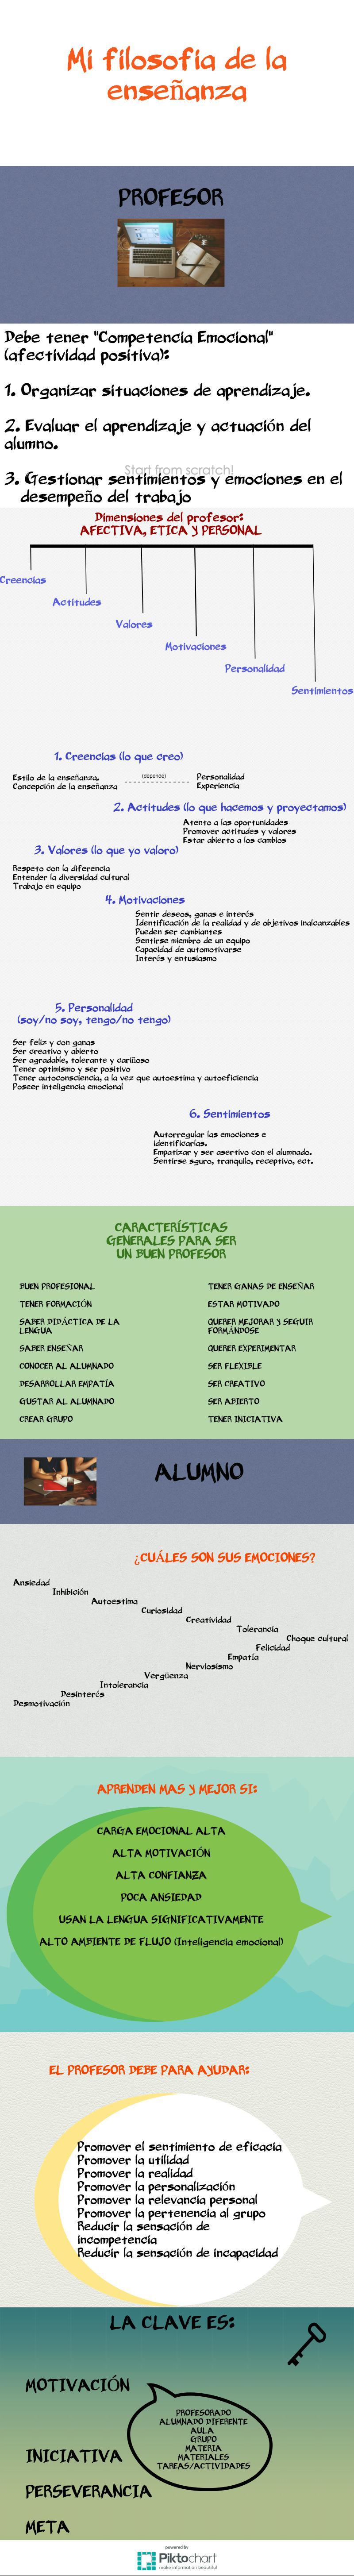 Filosofía de enseñanza profe de español. #spanishteacher